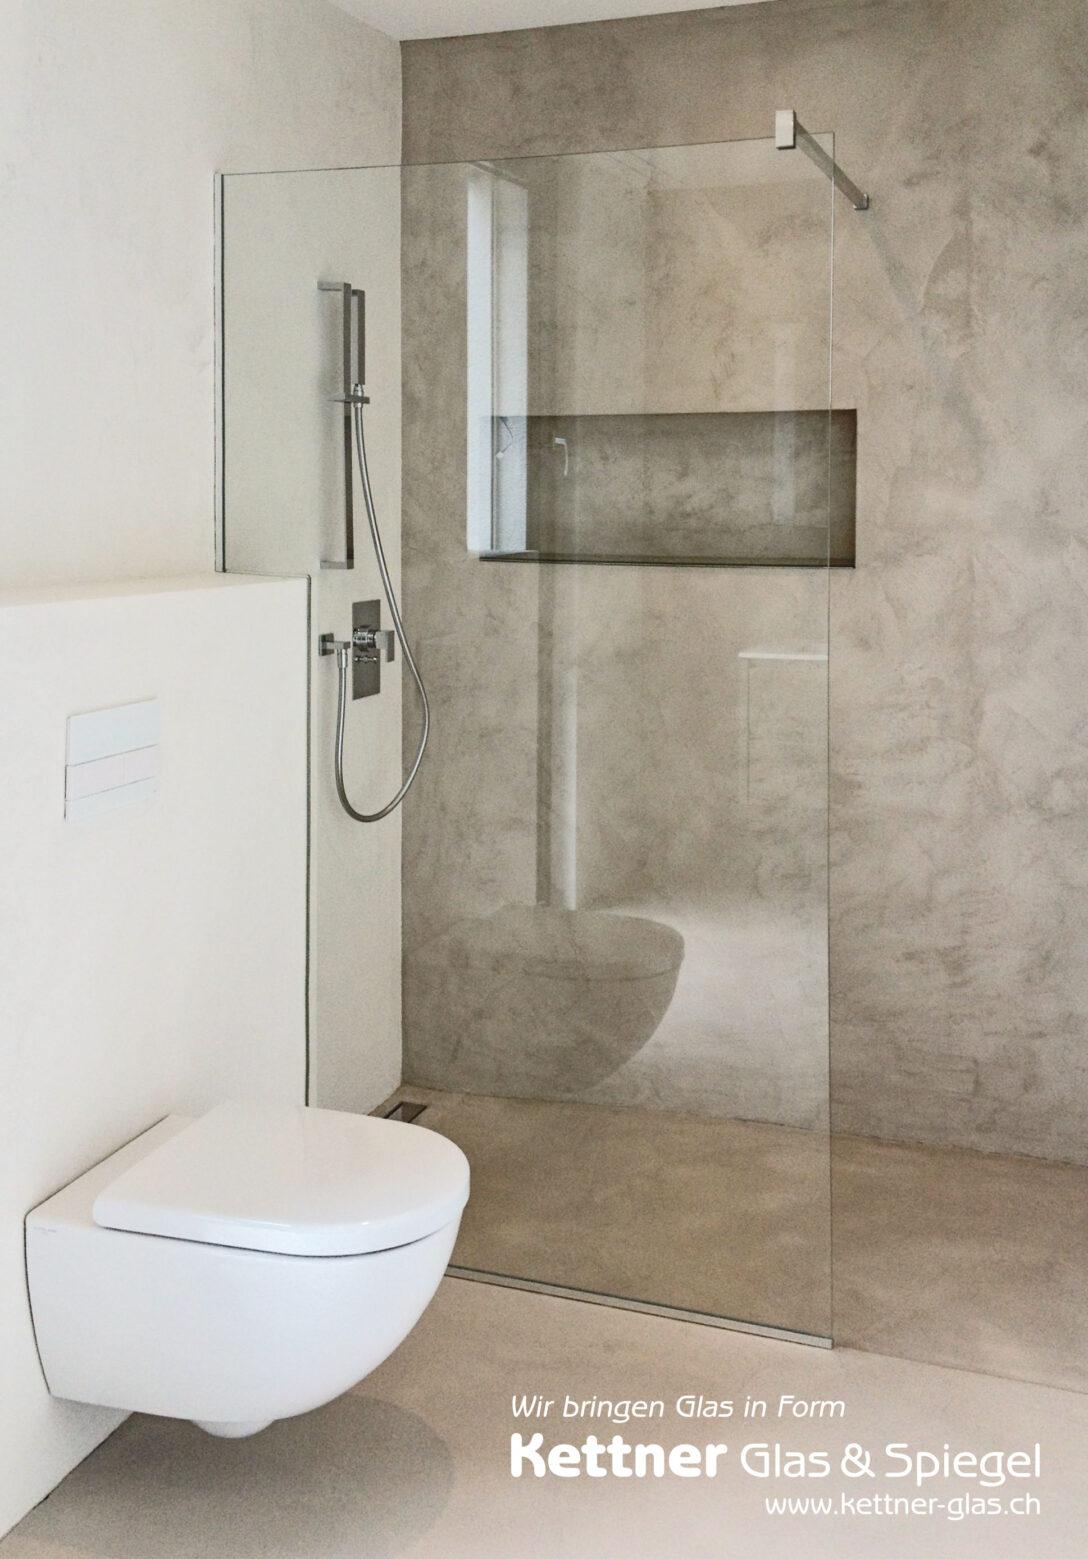 Large Size of Glastrennwand Dusche In Kgs Glaswand Badewanne Haltegriff Einbauen Thermostat Bodengleiche Fliesen Hsk Duschen Walk Grohe Einhebelmischer Bodengleich Dusche Glastrennwand Dusche